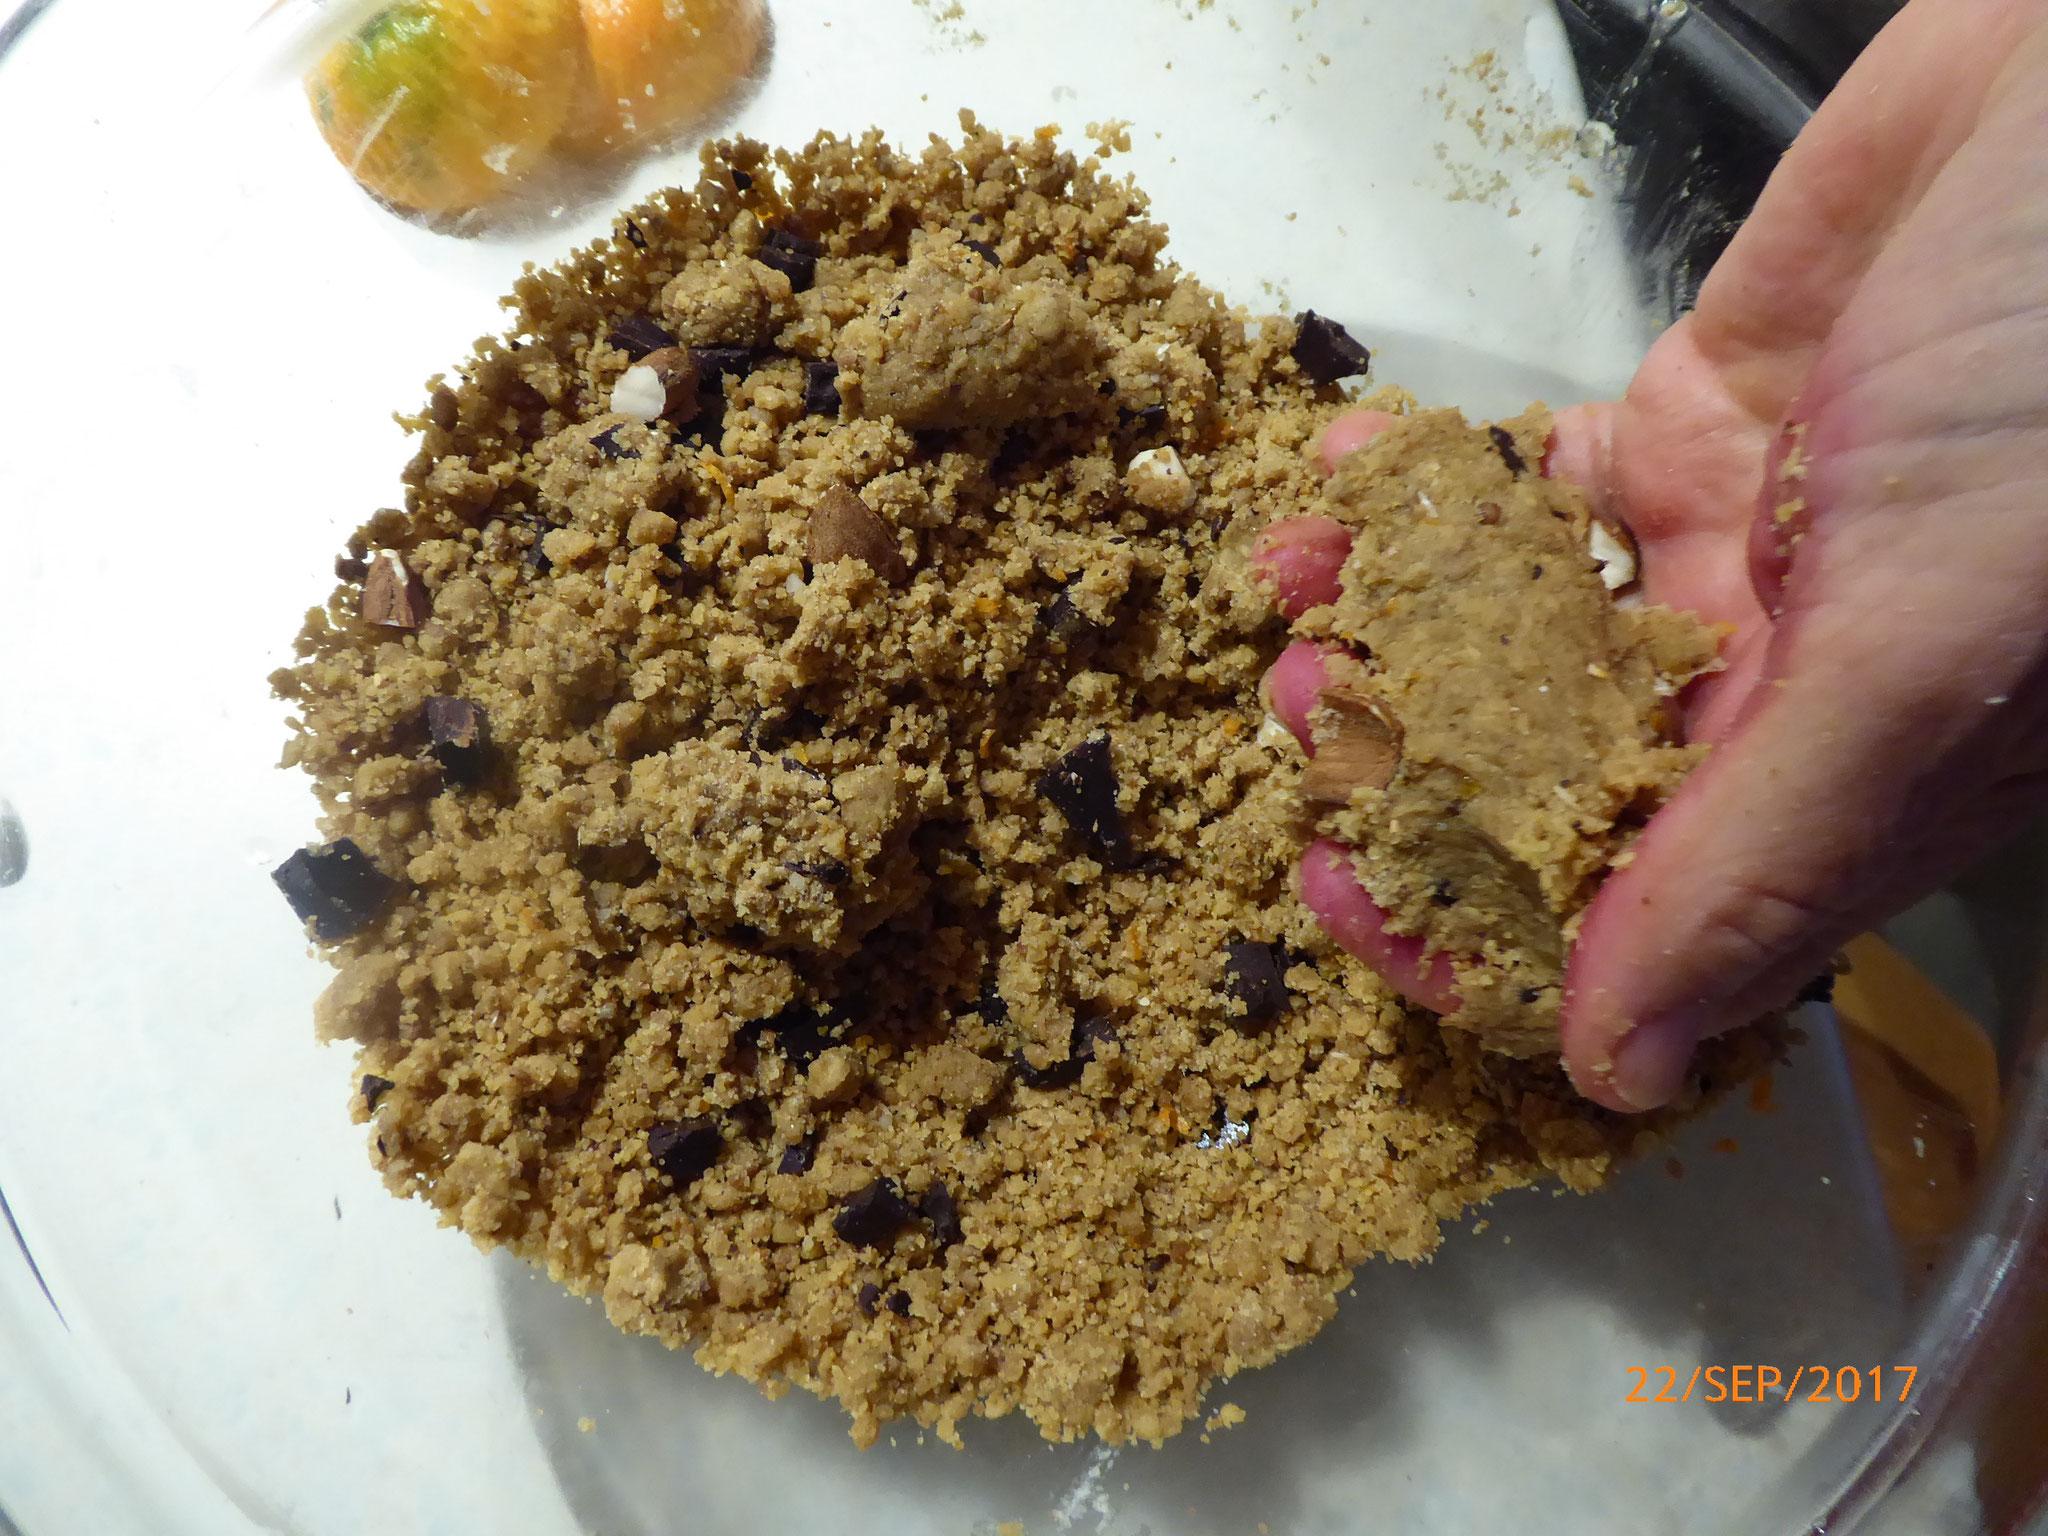 pressez dans la main pour s'assurer que la pâte est compacte